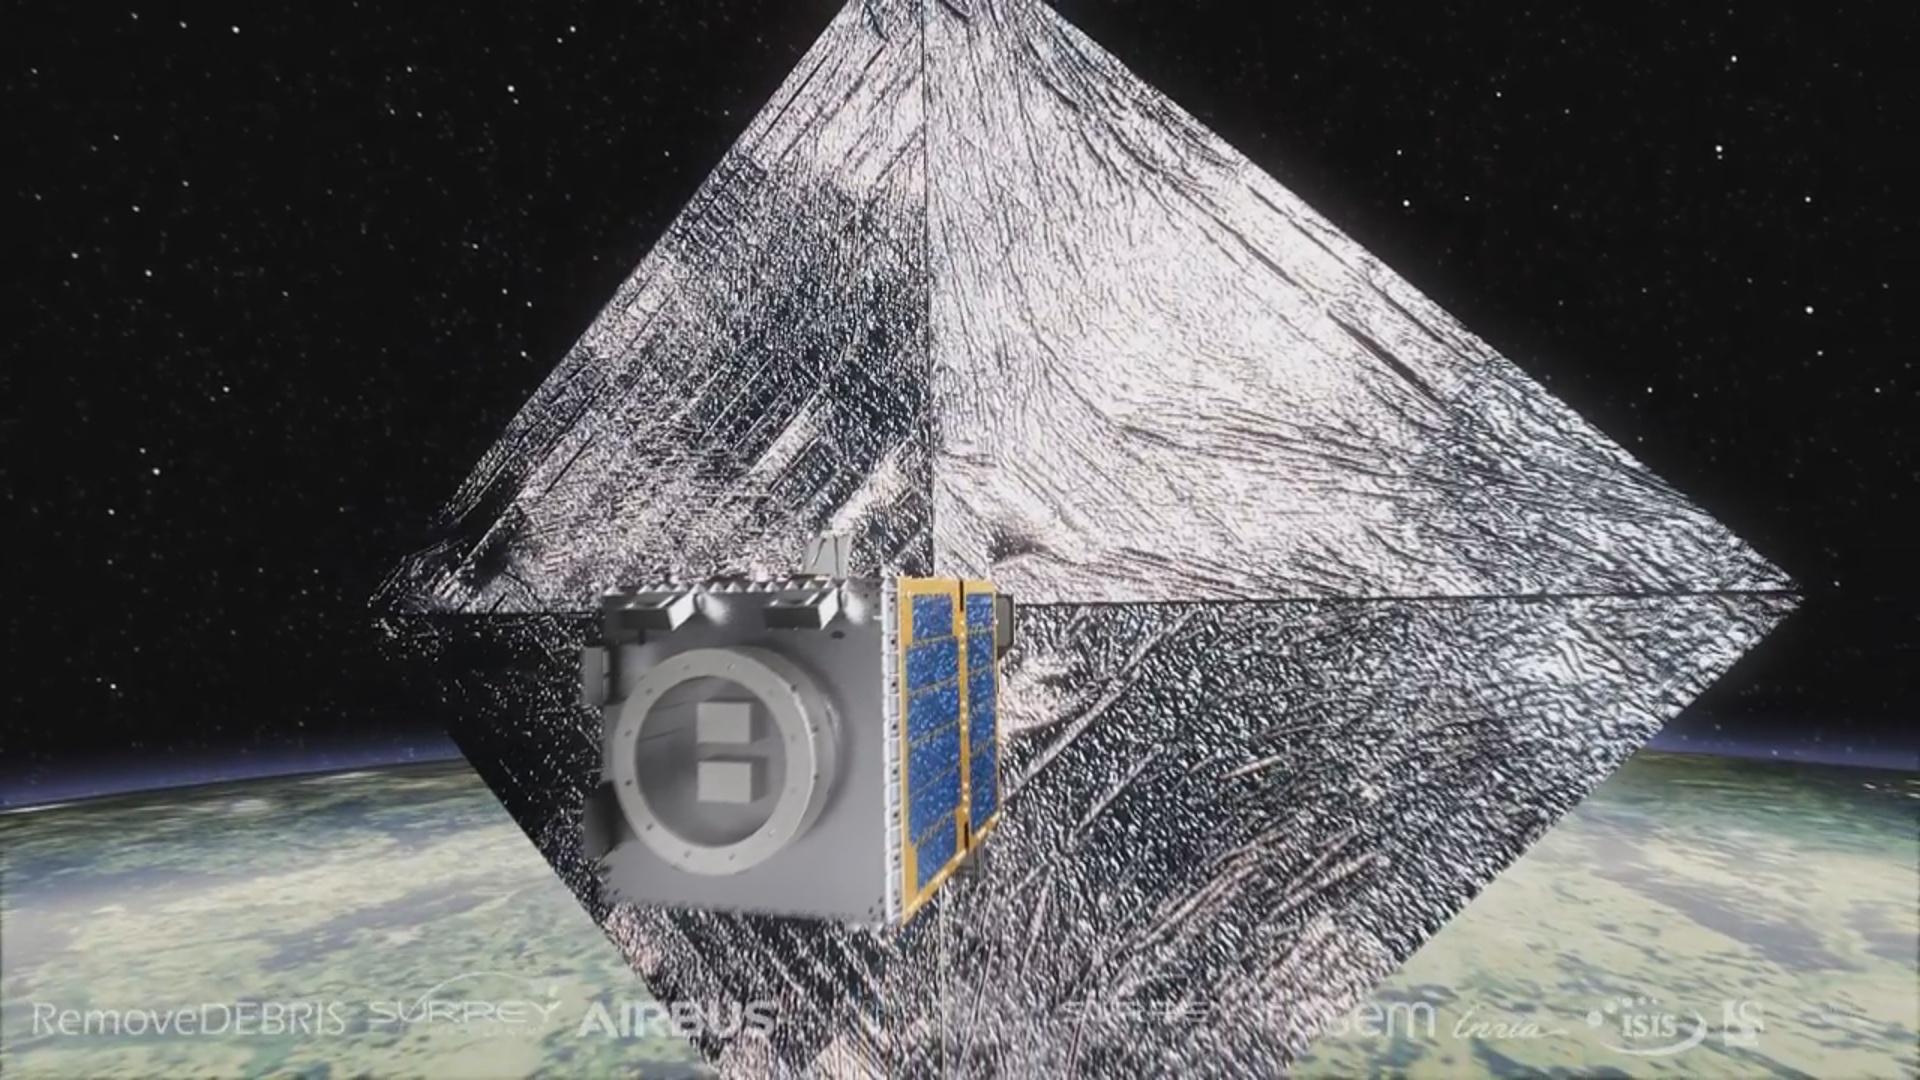 Kosmosda zibil yığan qurğunun sınağı həyata keçiriləcək